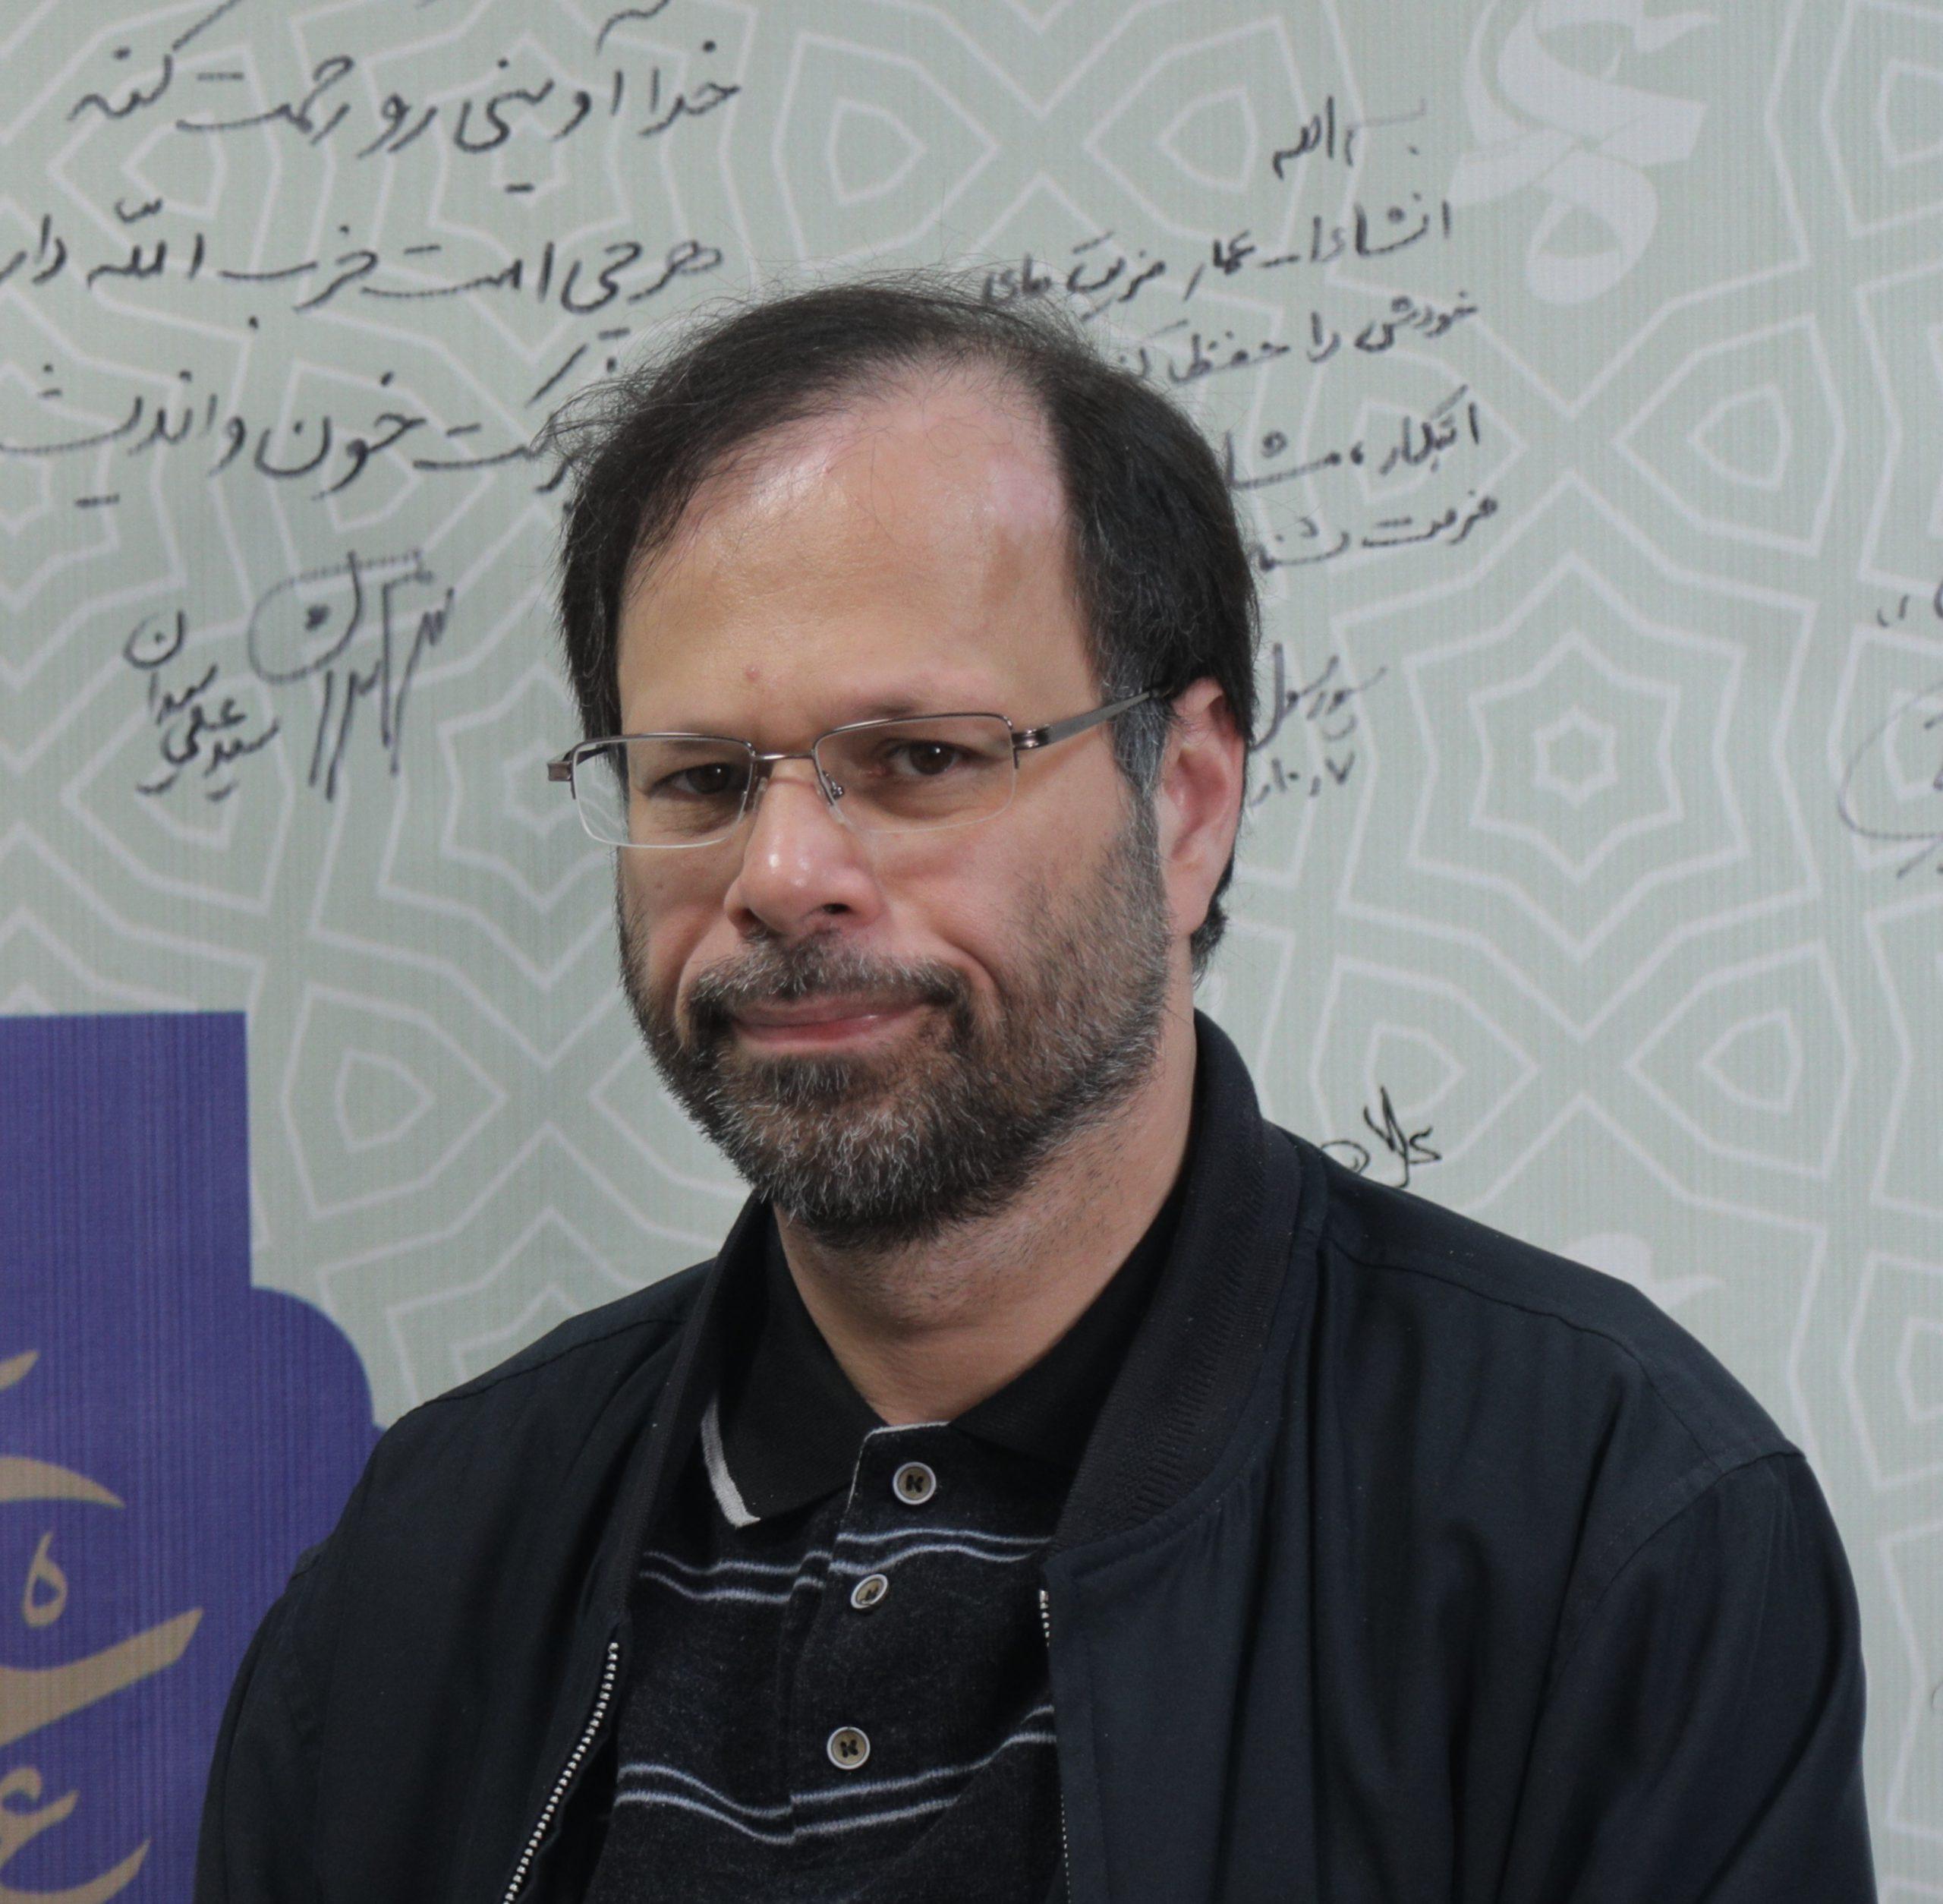 سید سلیم غفوری